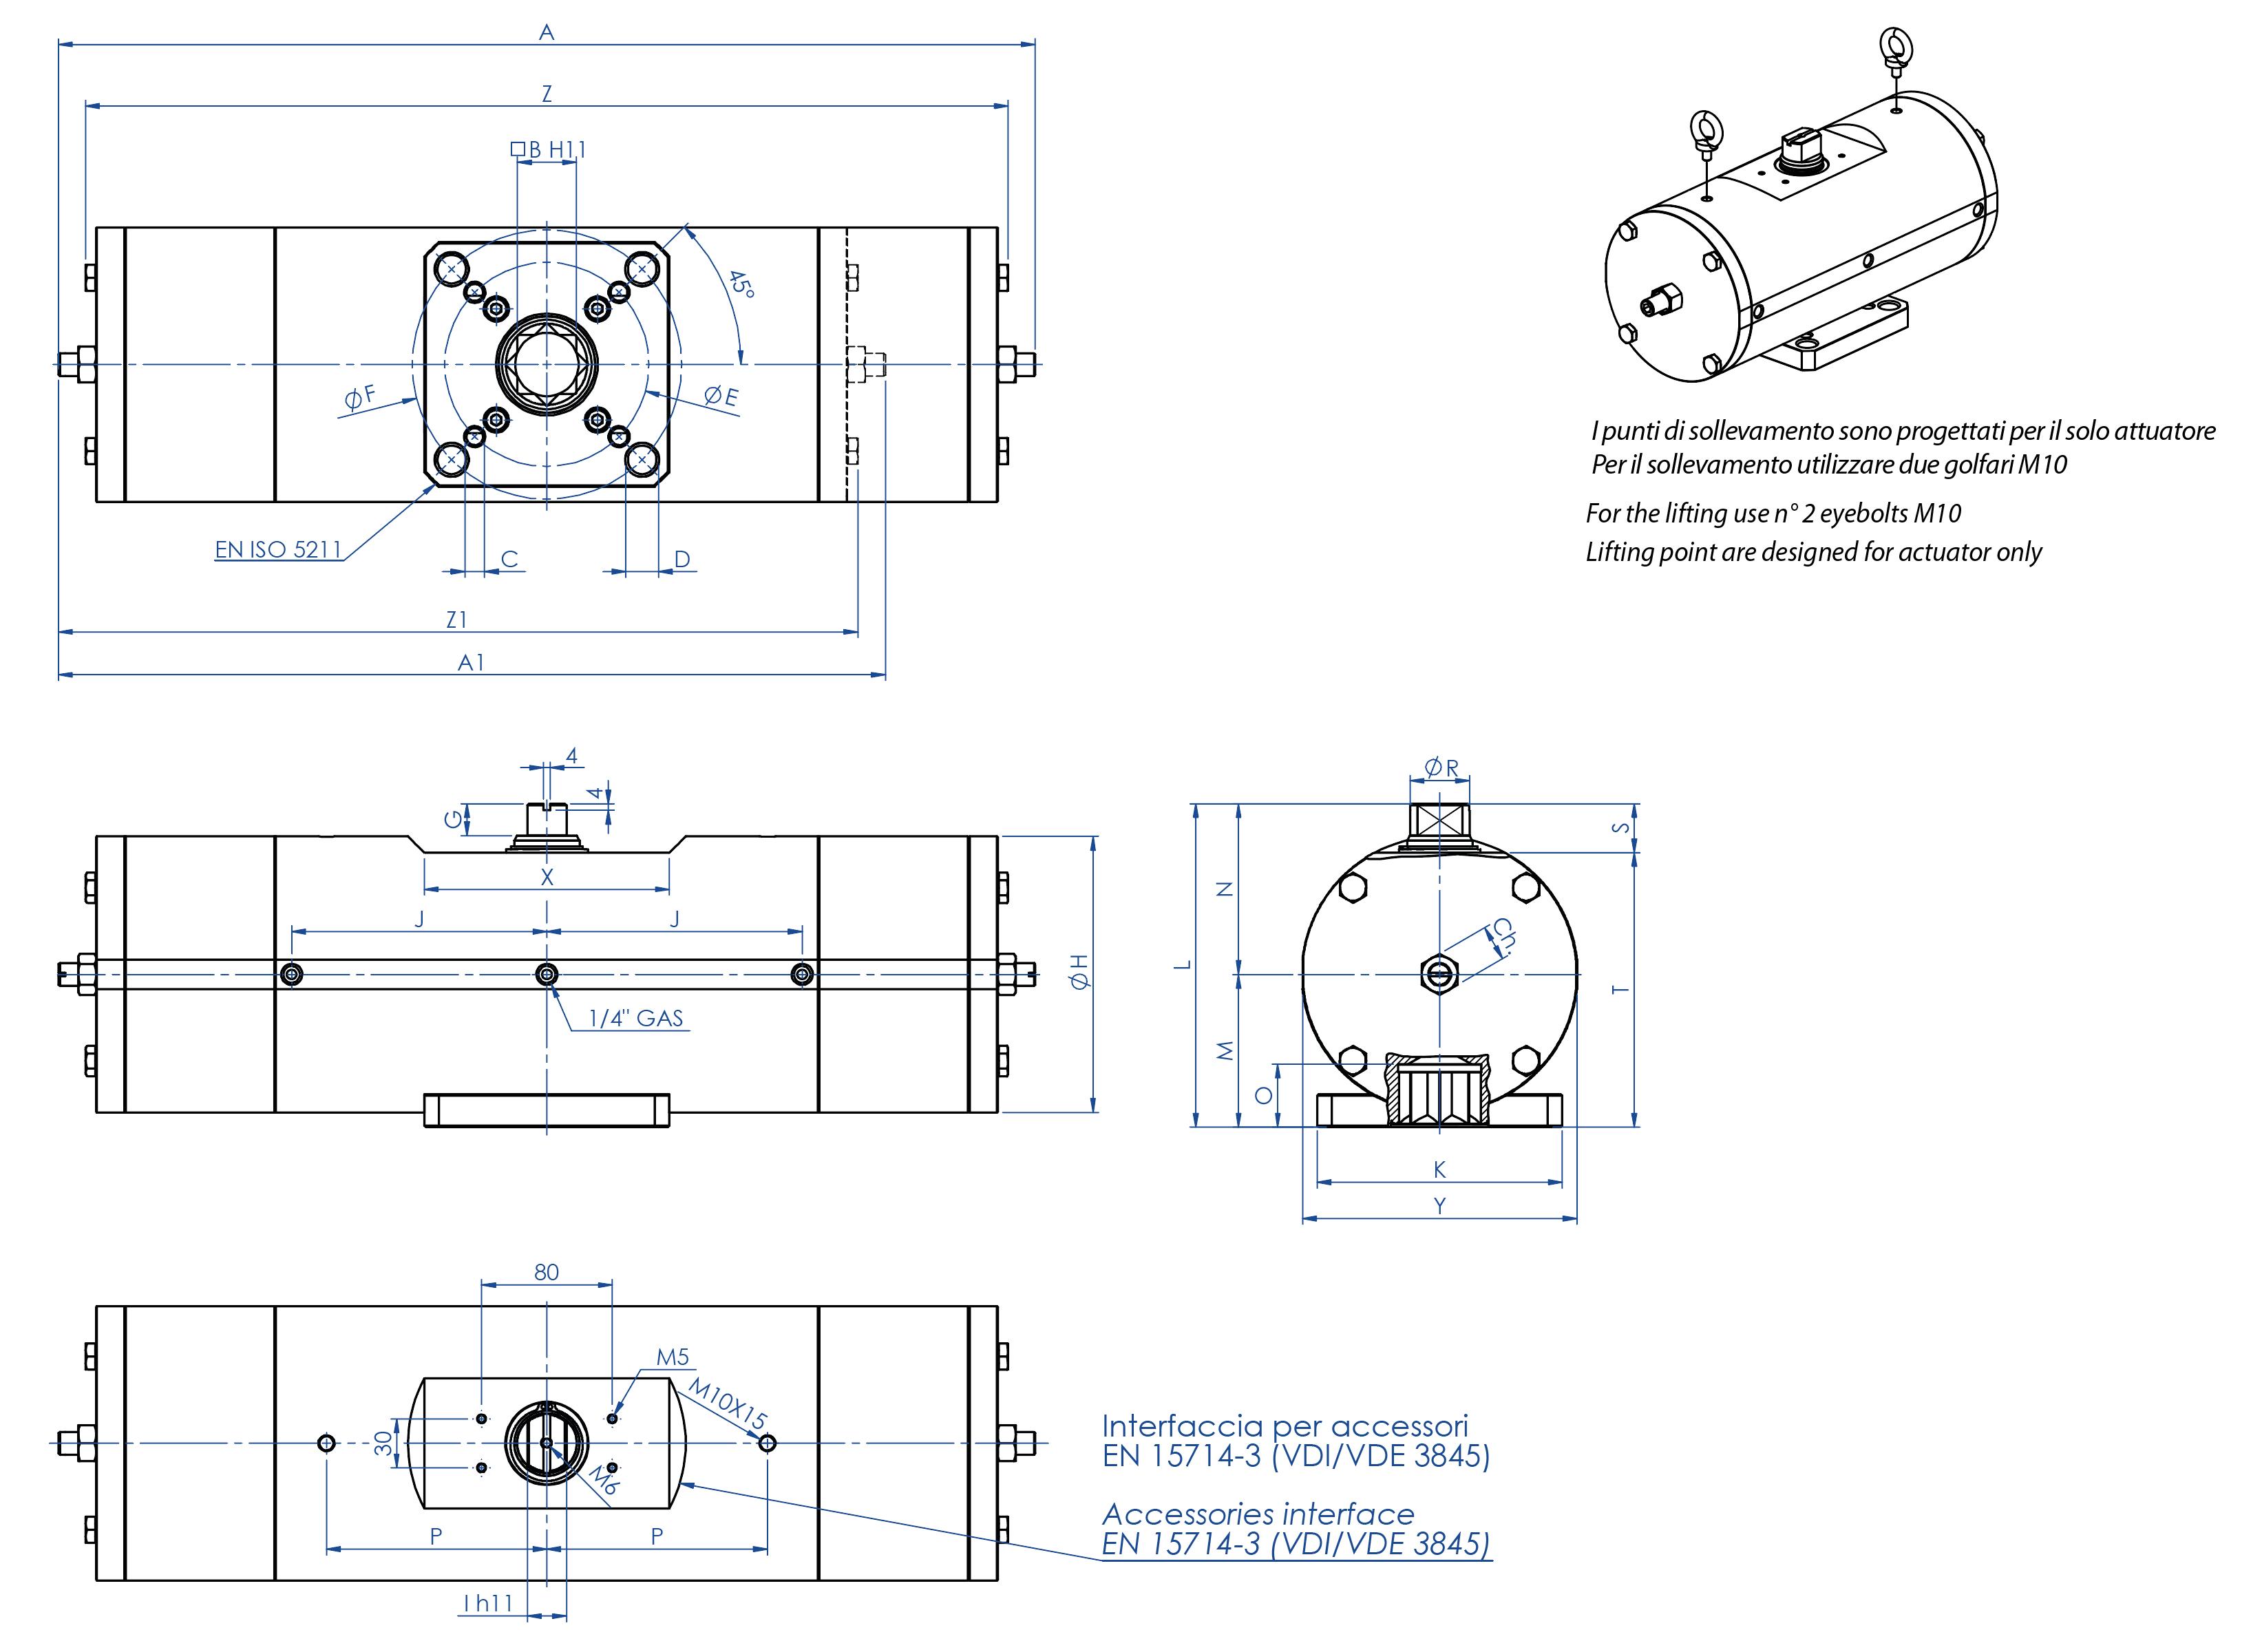 Einfachwirkender pneumatischer Stellantrieb GS aus Kohlenstoffstahl A105 - abmessungen -